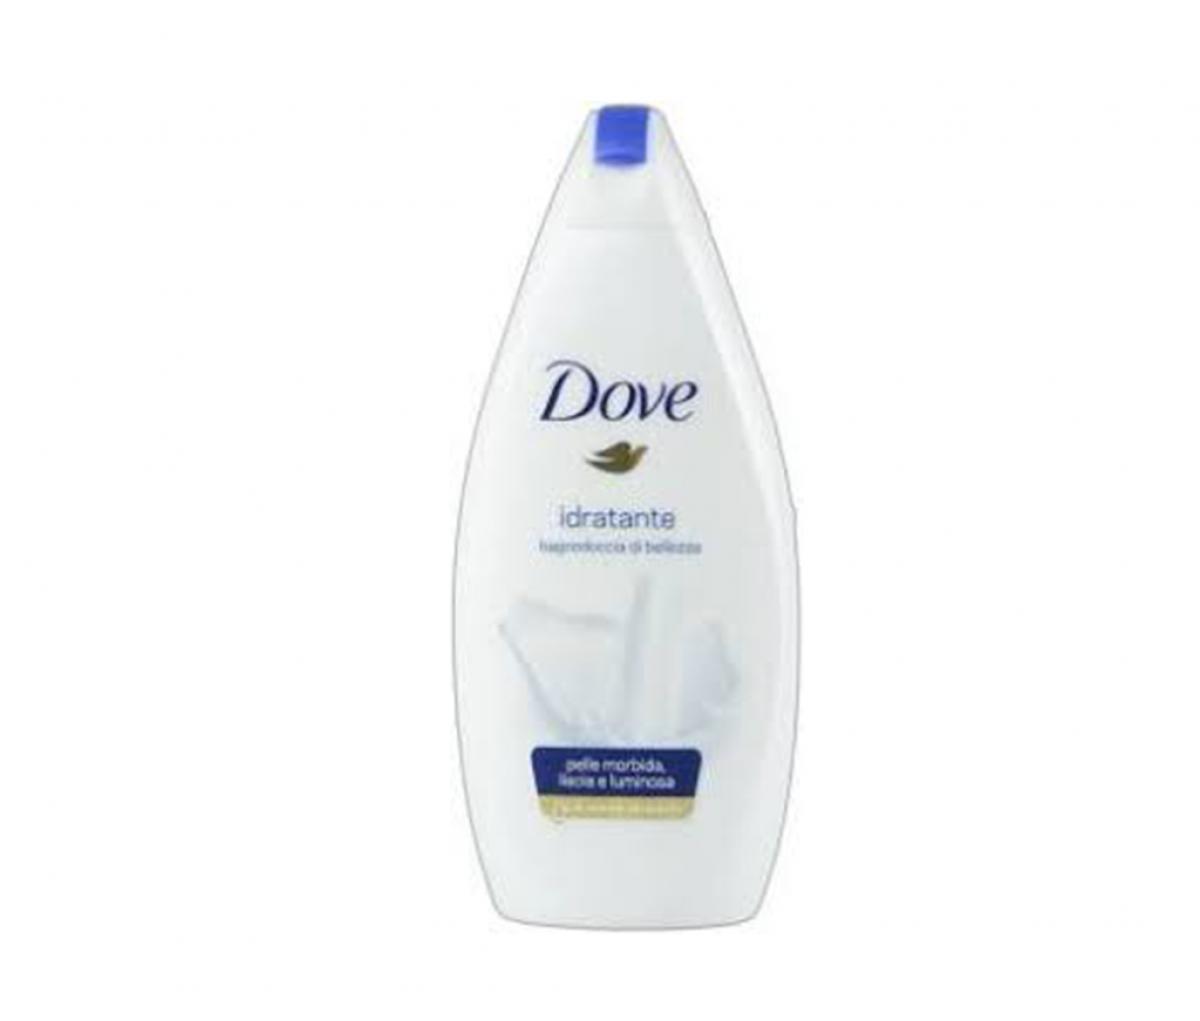 Dove Body Wash  Idratante